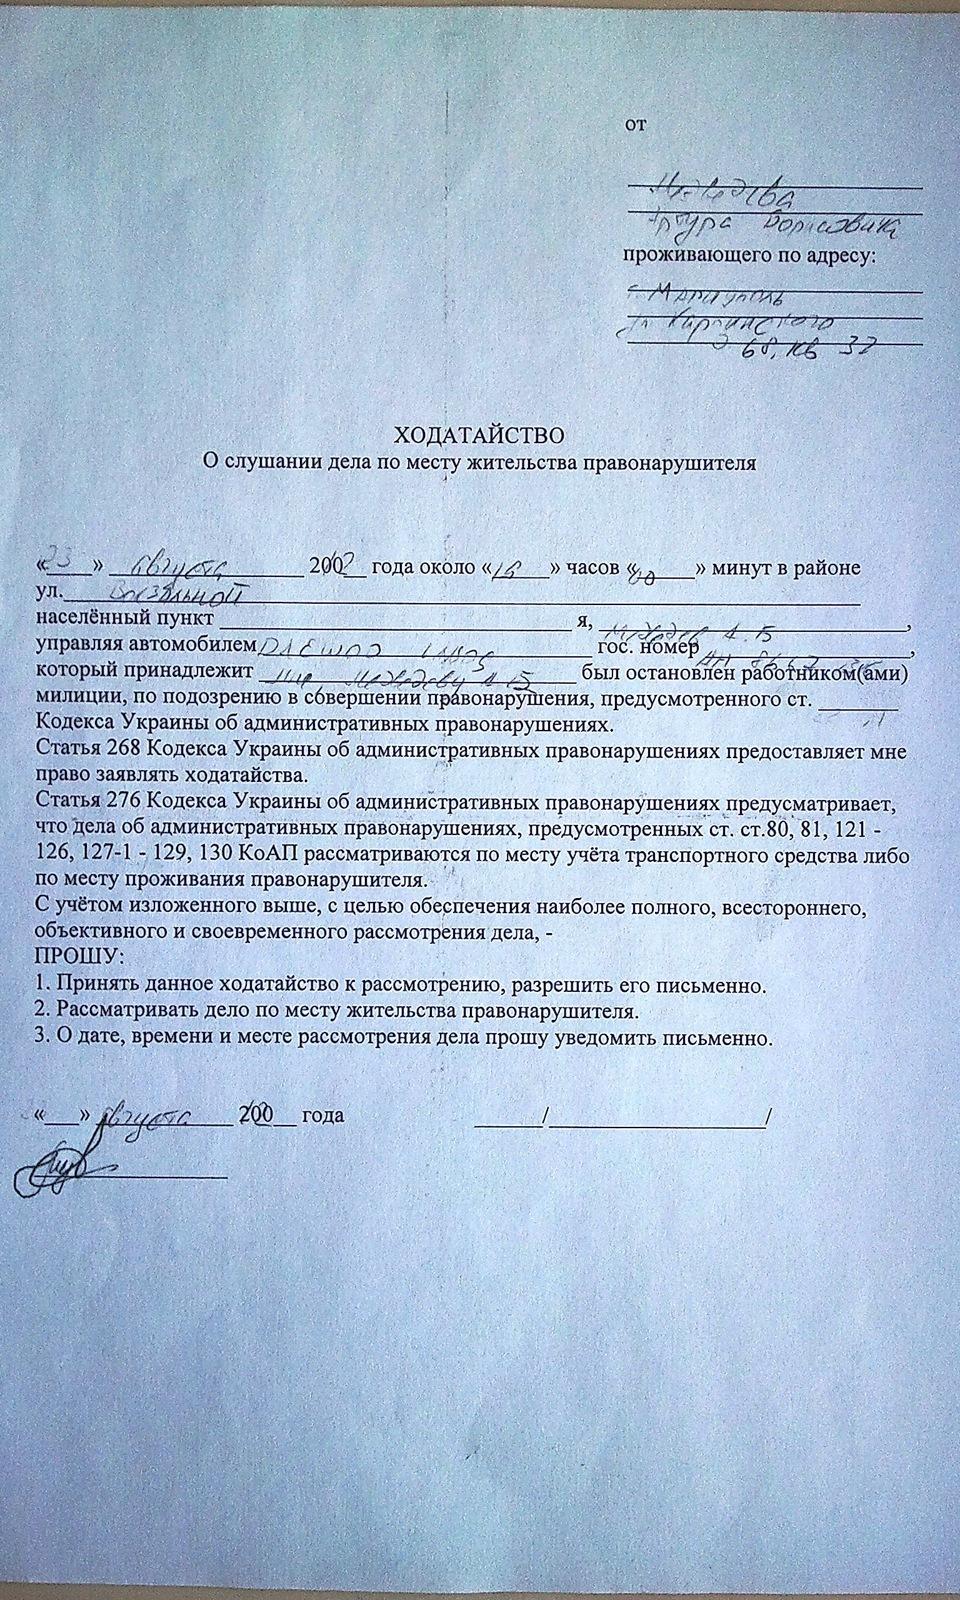 Образец приказа ответственного за охрану